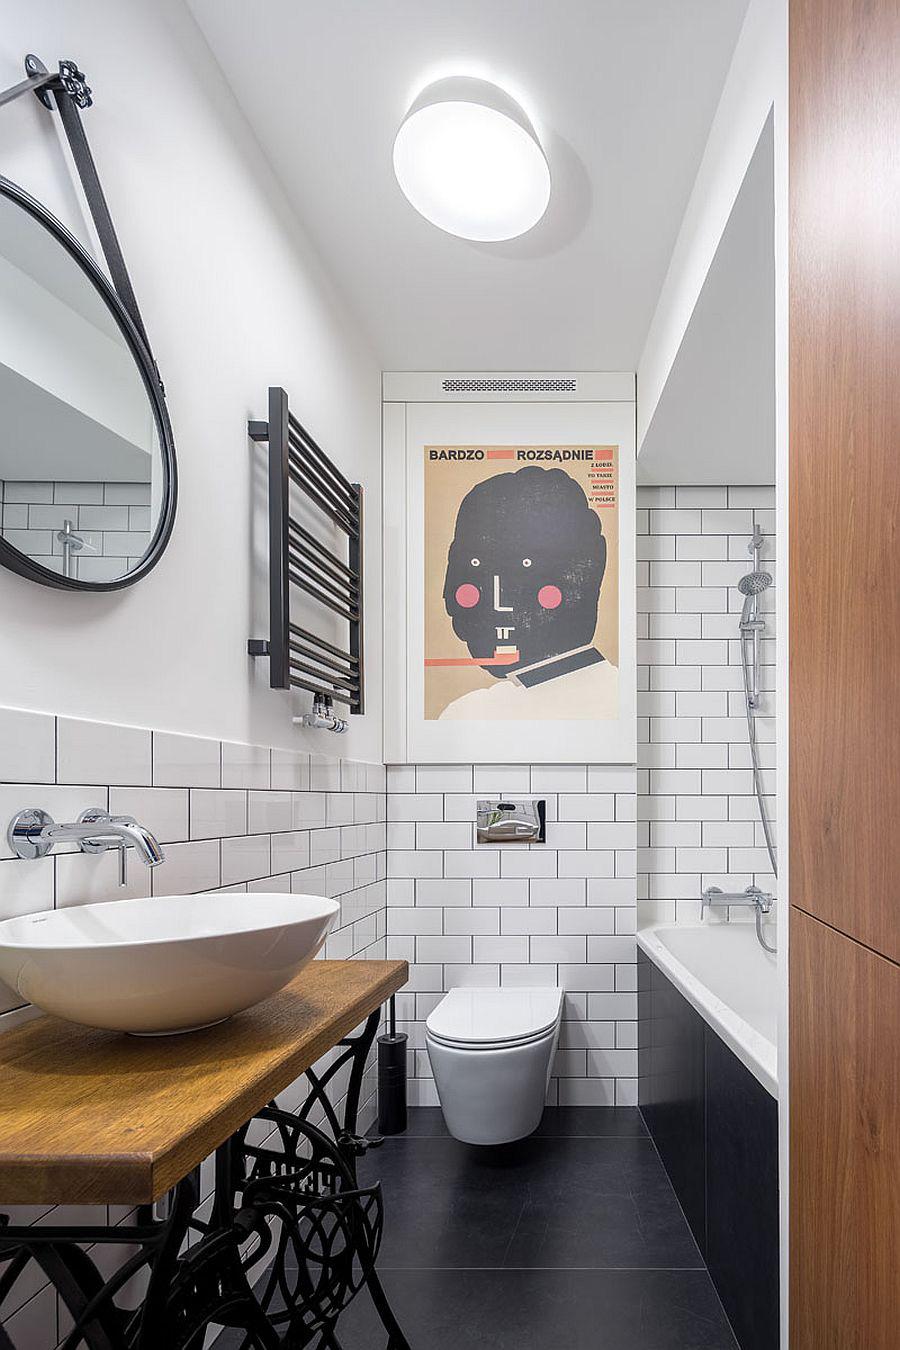 Căn hộ nhỏ xíu cực xinh xắn với tầng lửng màu đen và trắng ấn tượng - Ảnh 9